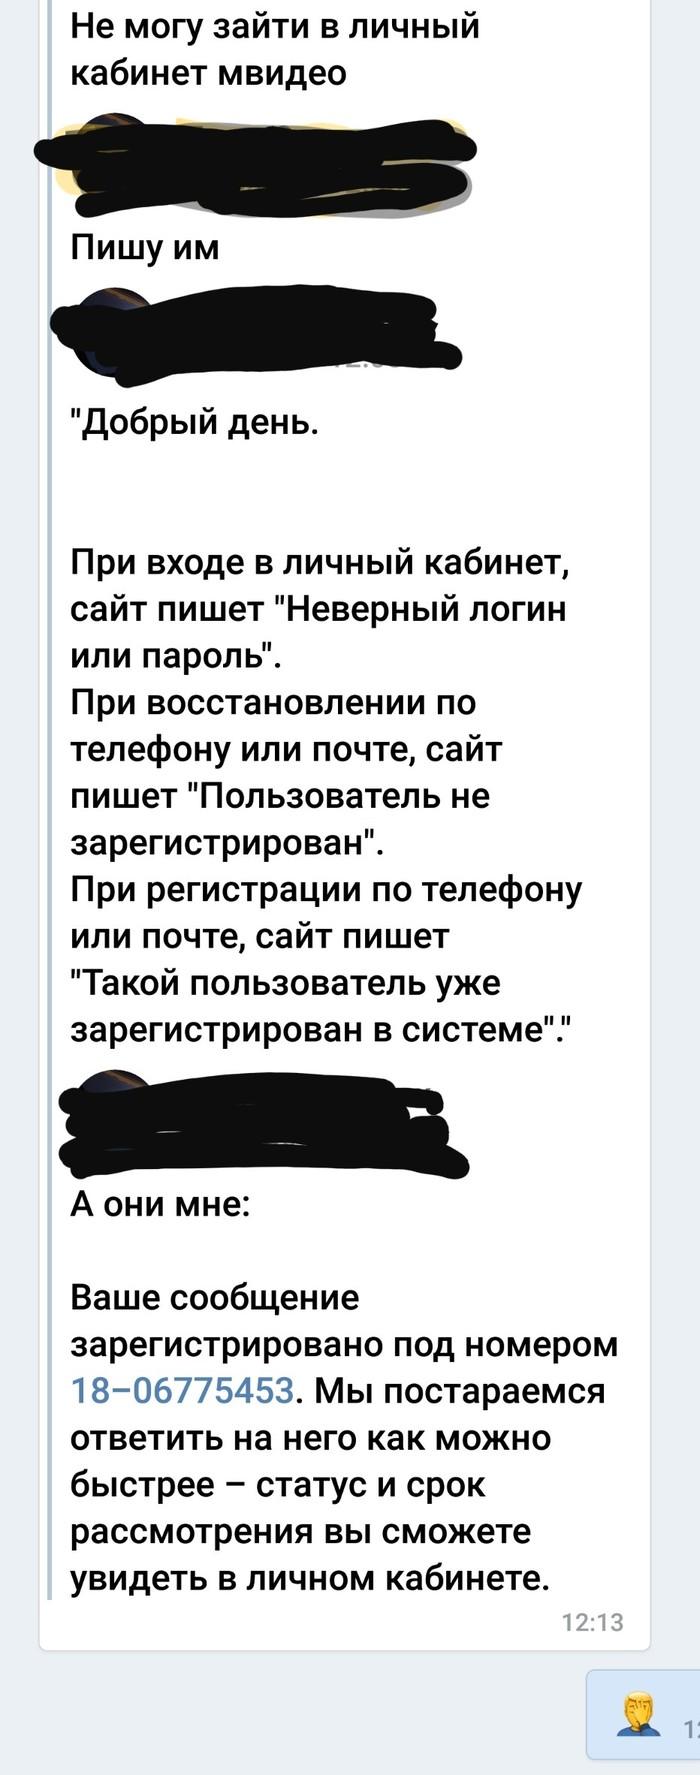 Техподдержка МВидео Техподдержка, Мвидео, Длиннопост